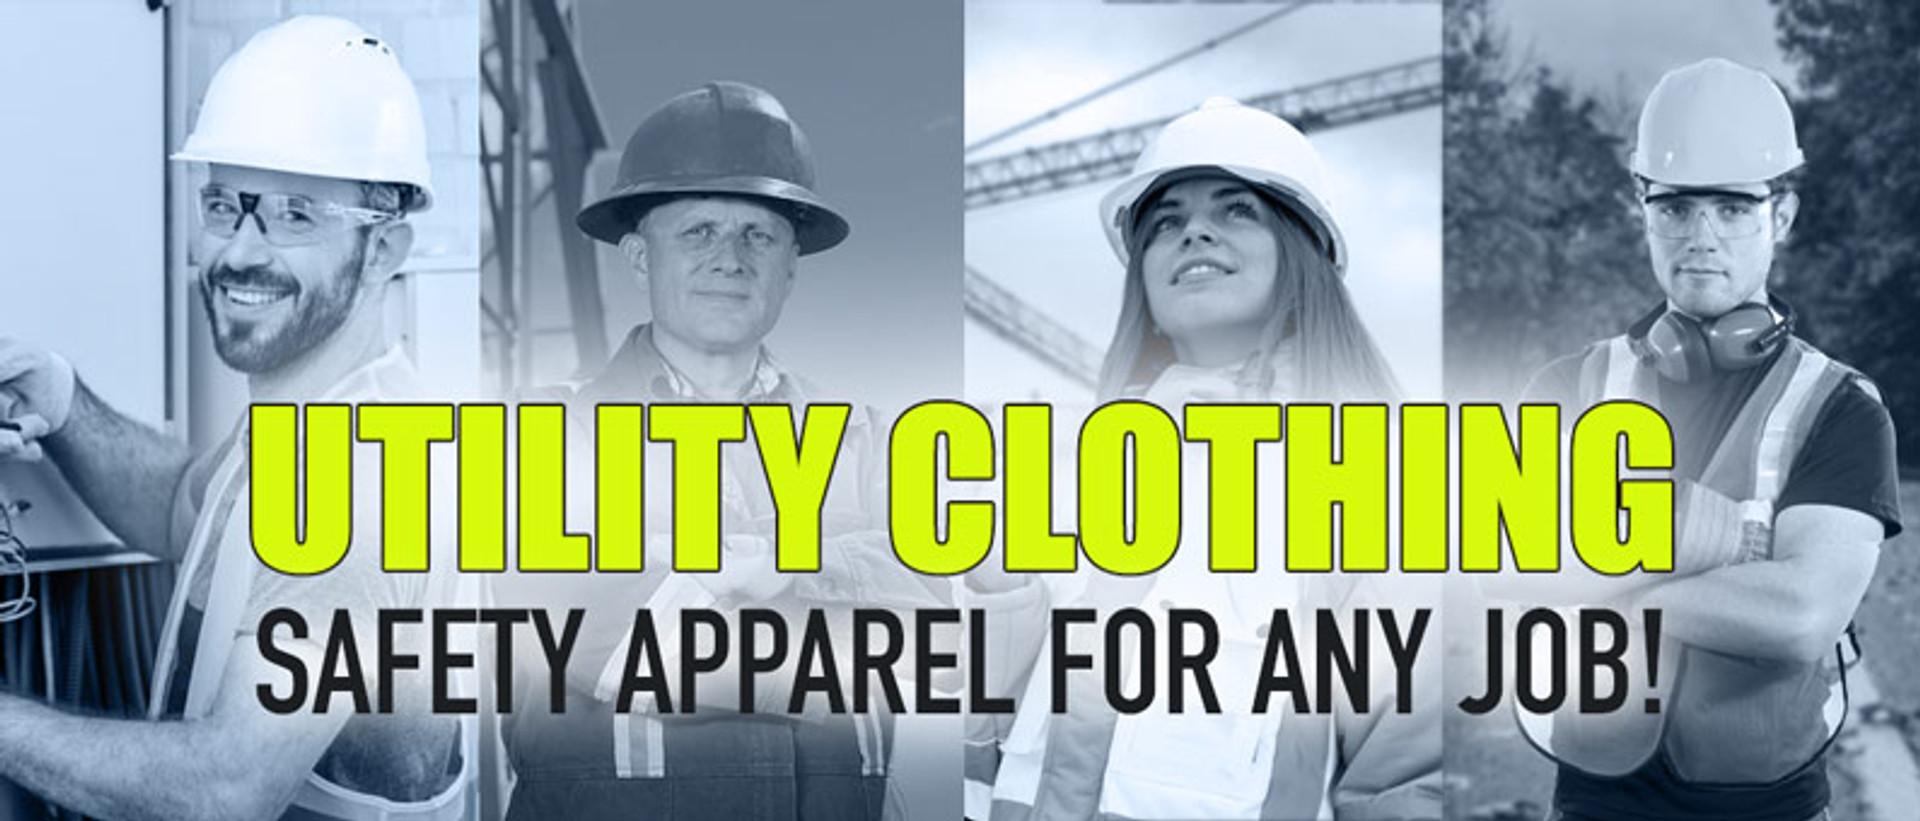 Utility Clothing